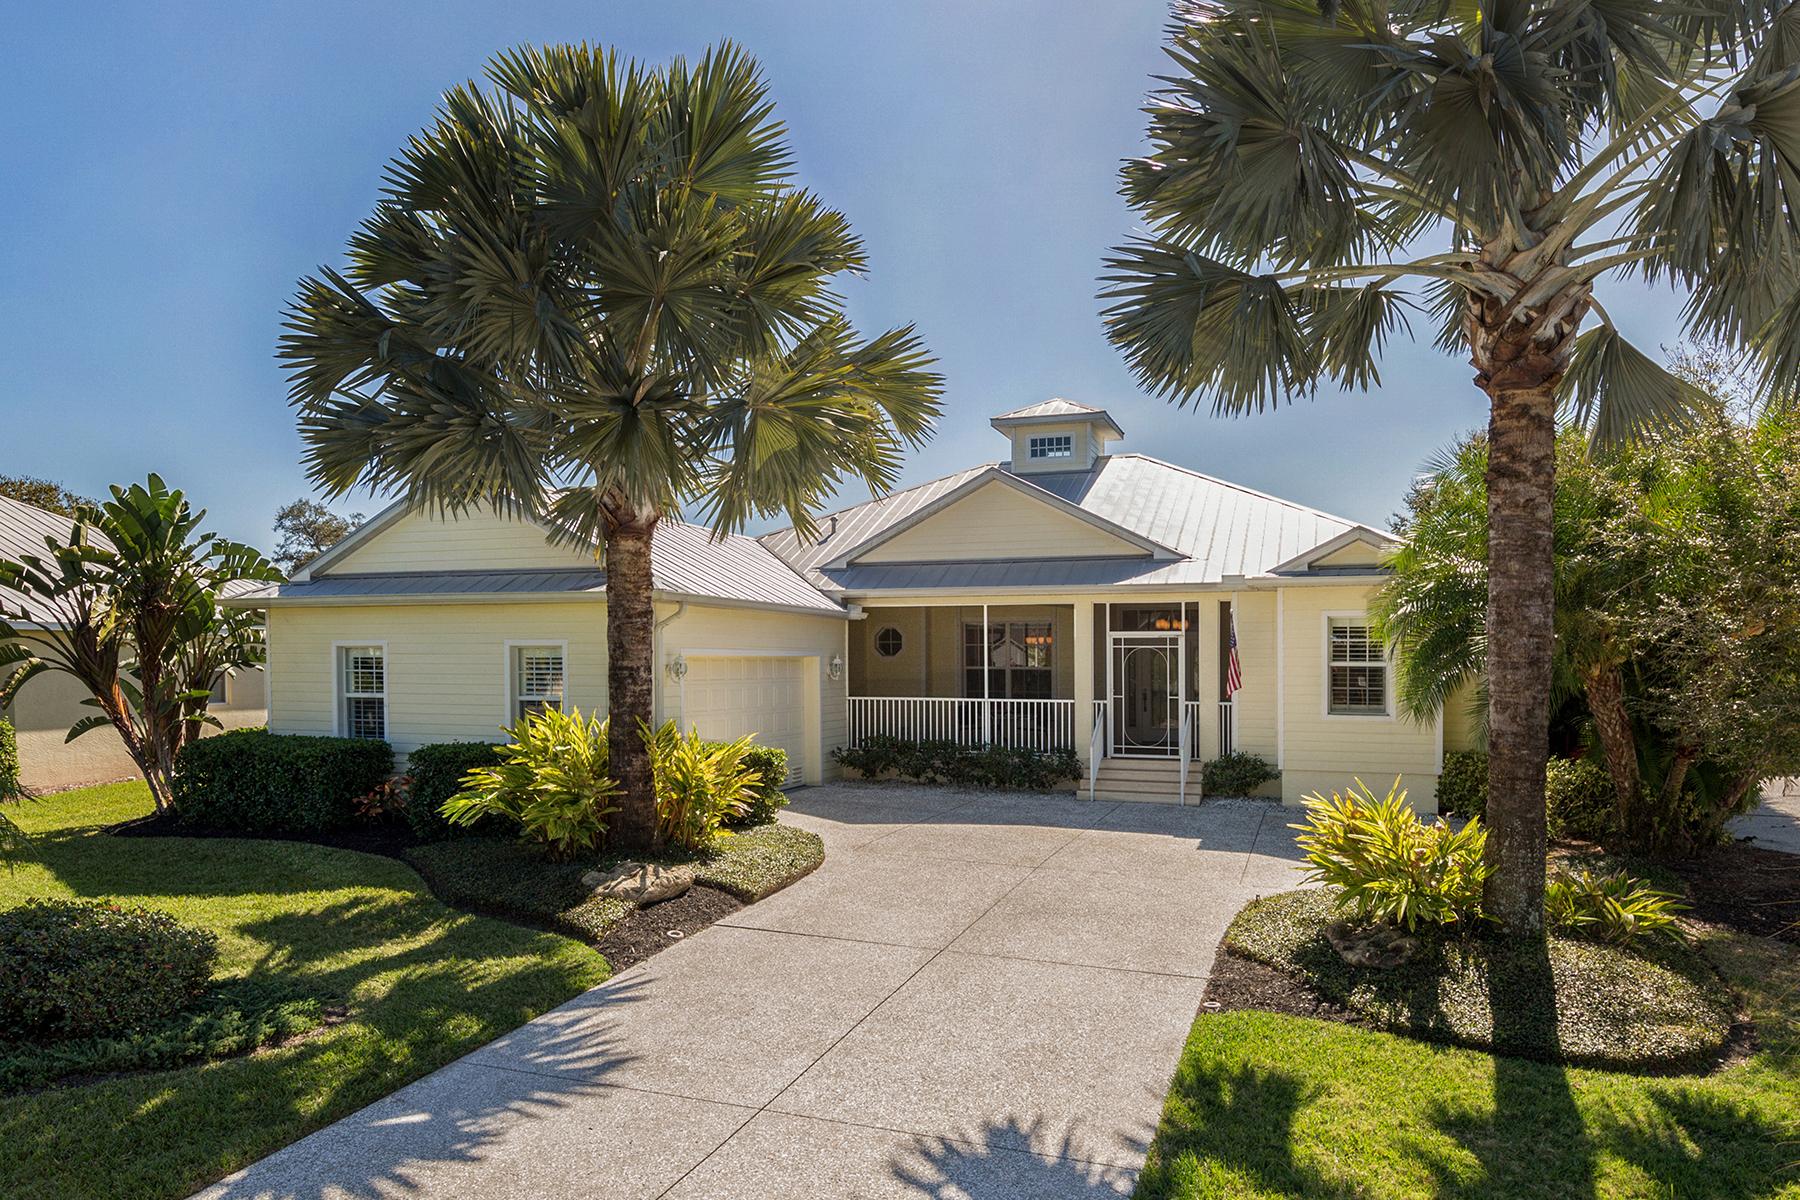 Casa para uma família para Venda às SHAKETT ISLAND 881 Hillcrest Dr Nokomis, Florida, 34275 Estados Unidos